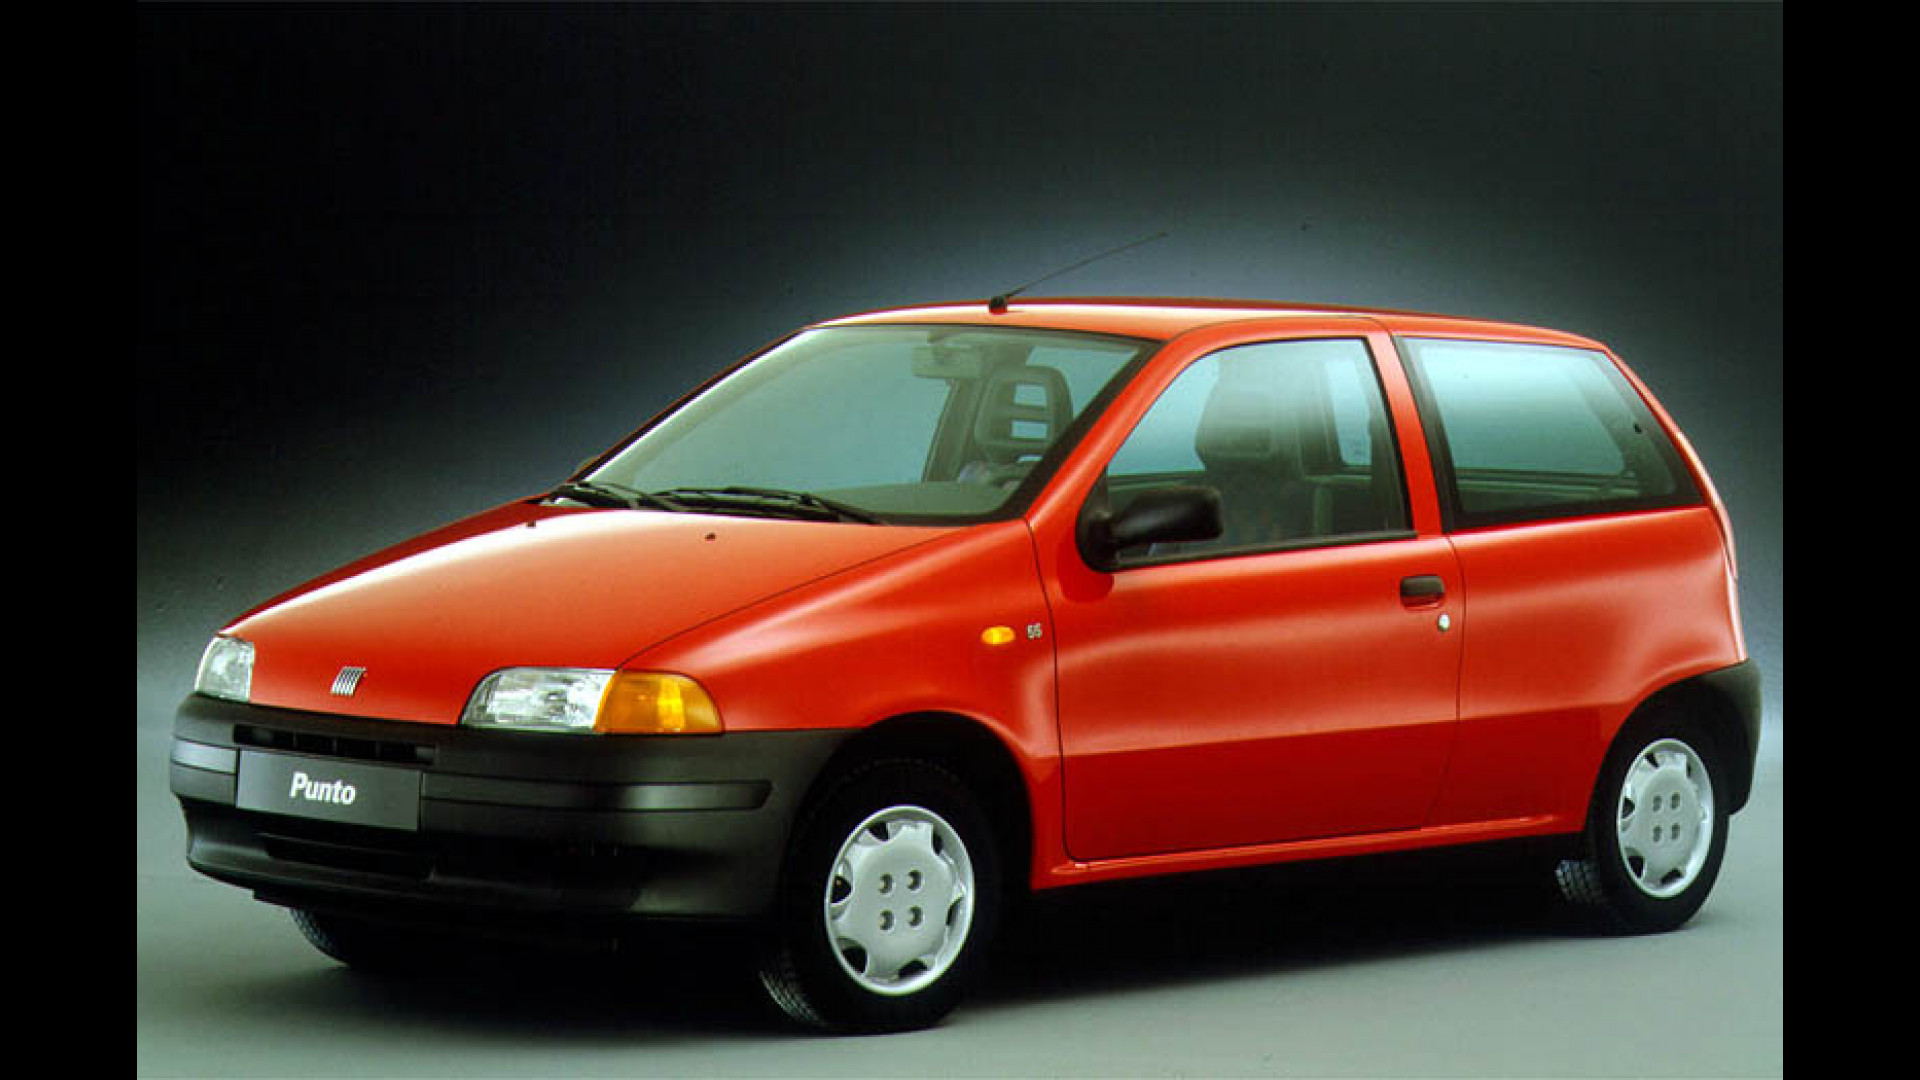 Schema Elettrico Fiat Punto 1 2 8v : Fiat punto prima serie